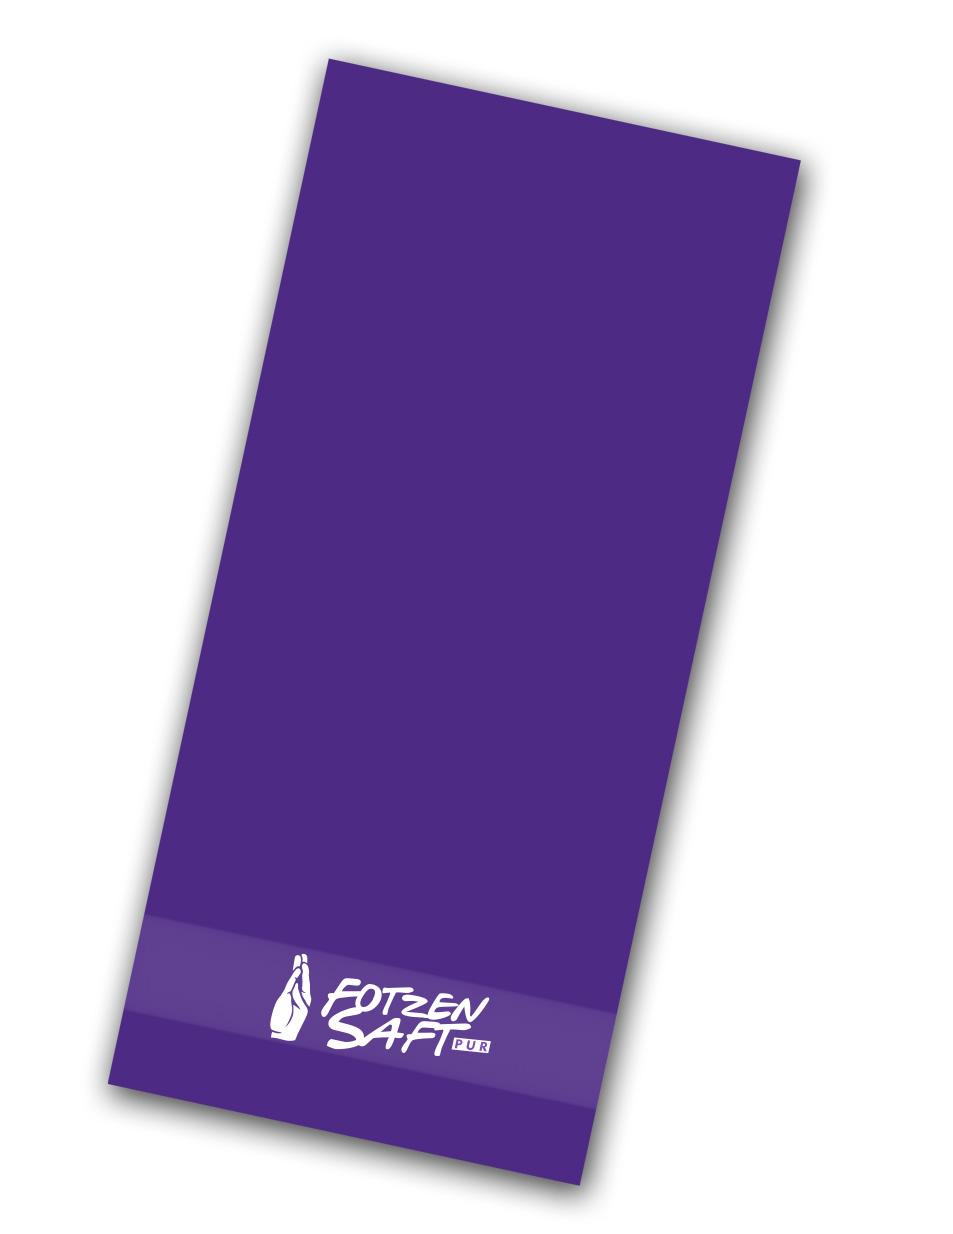 Fotzensaft Handtuch weiß auf lila